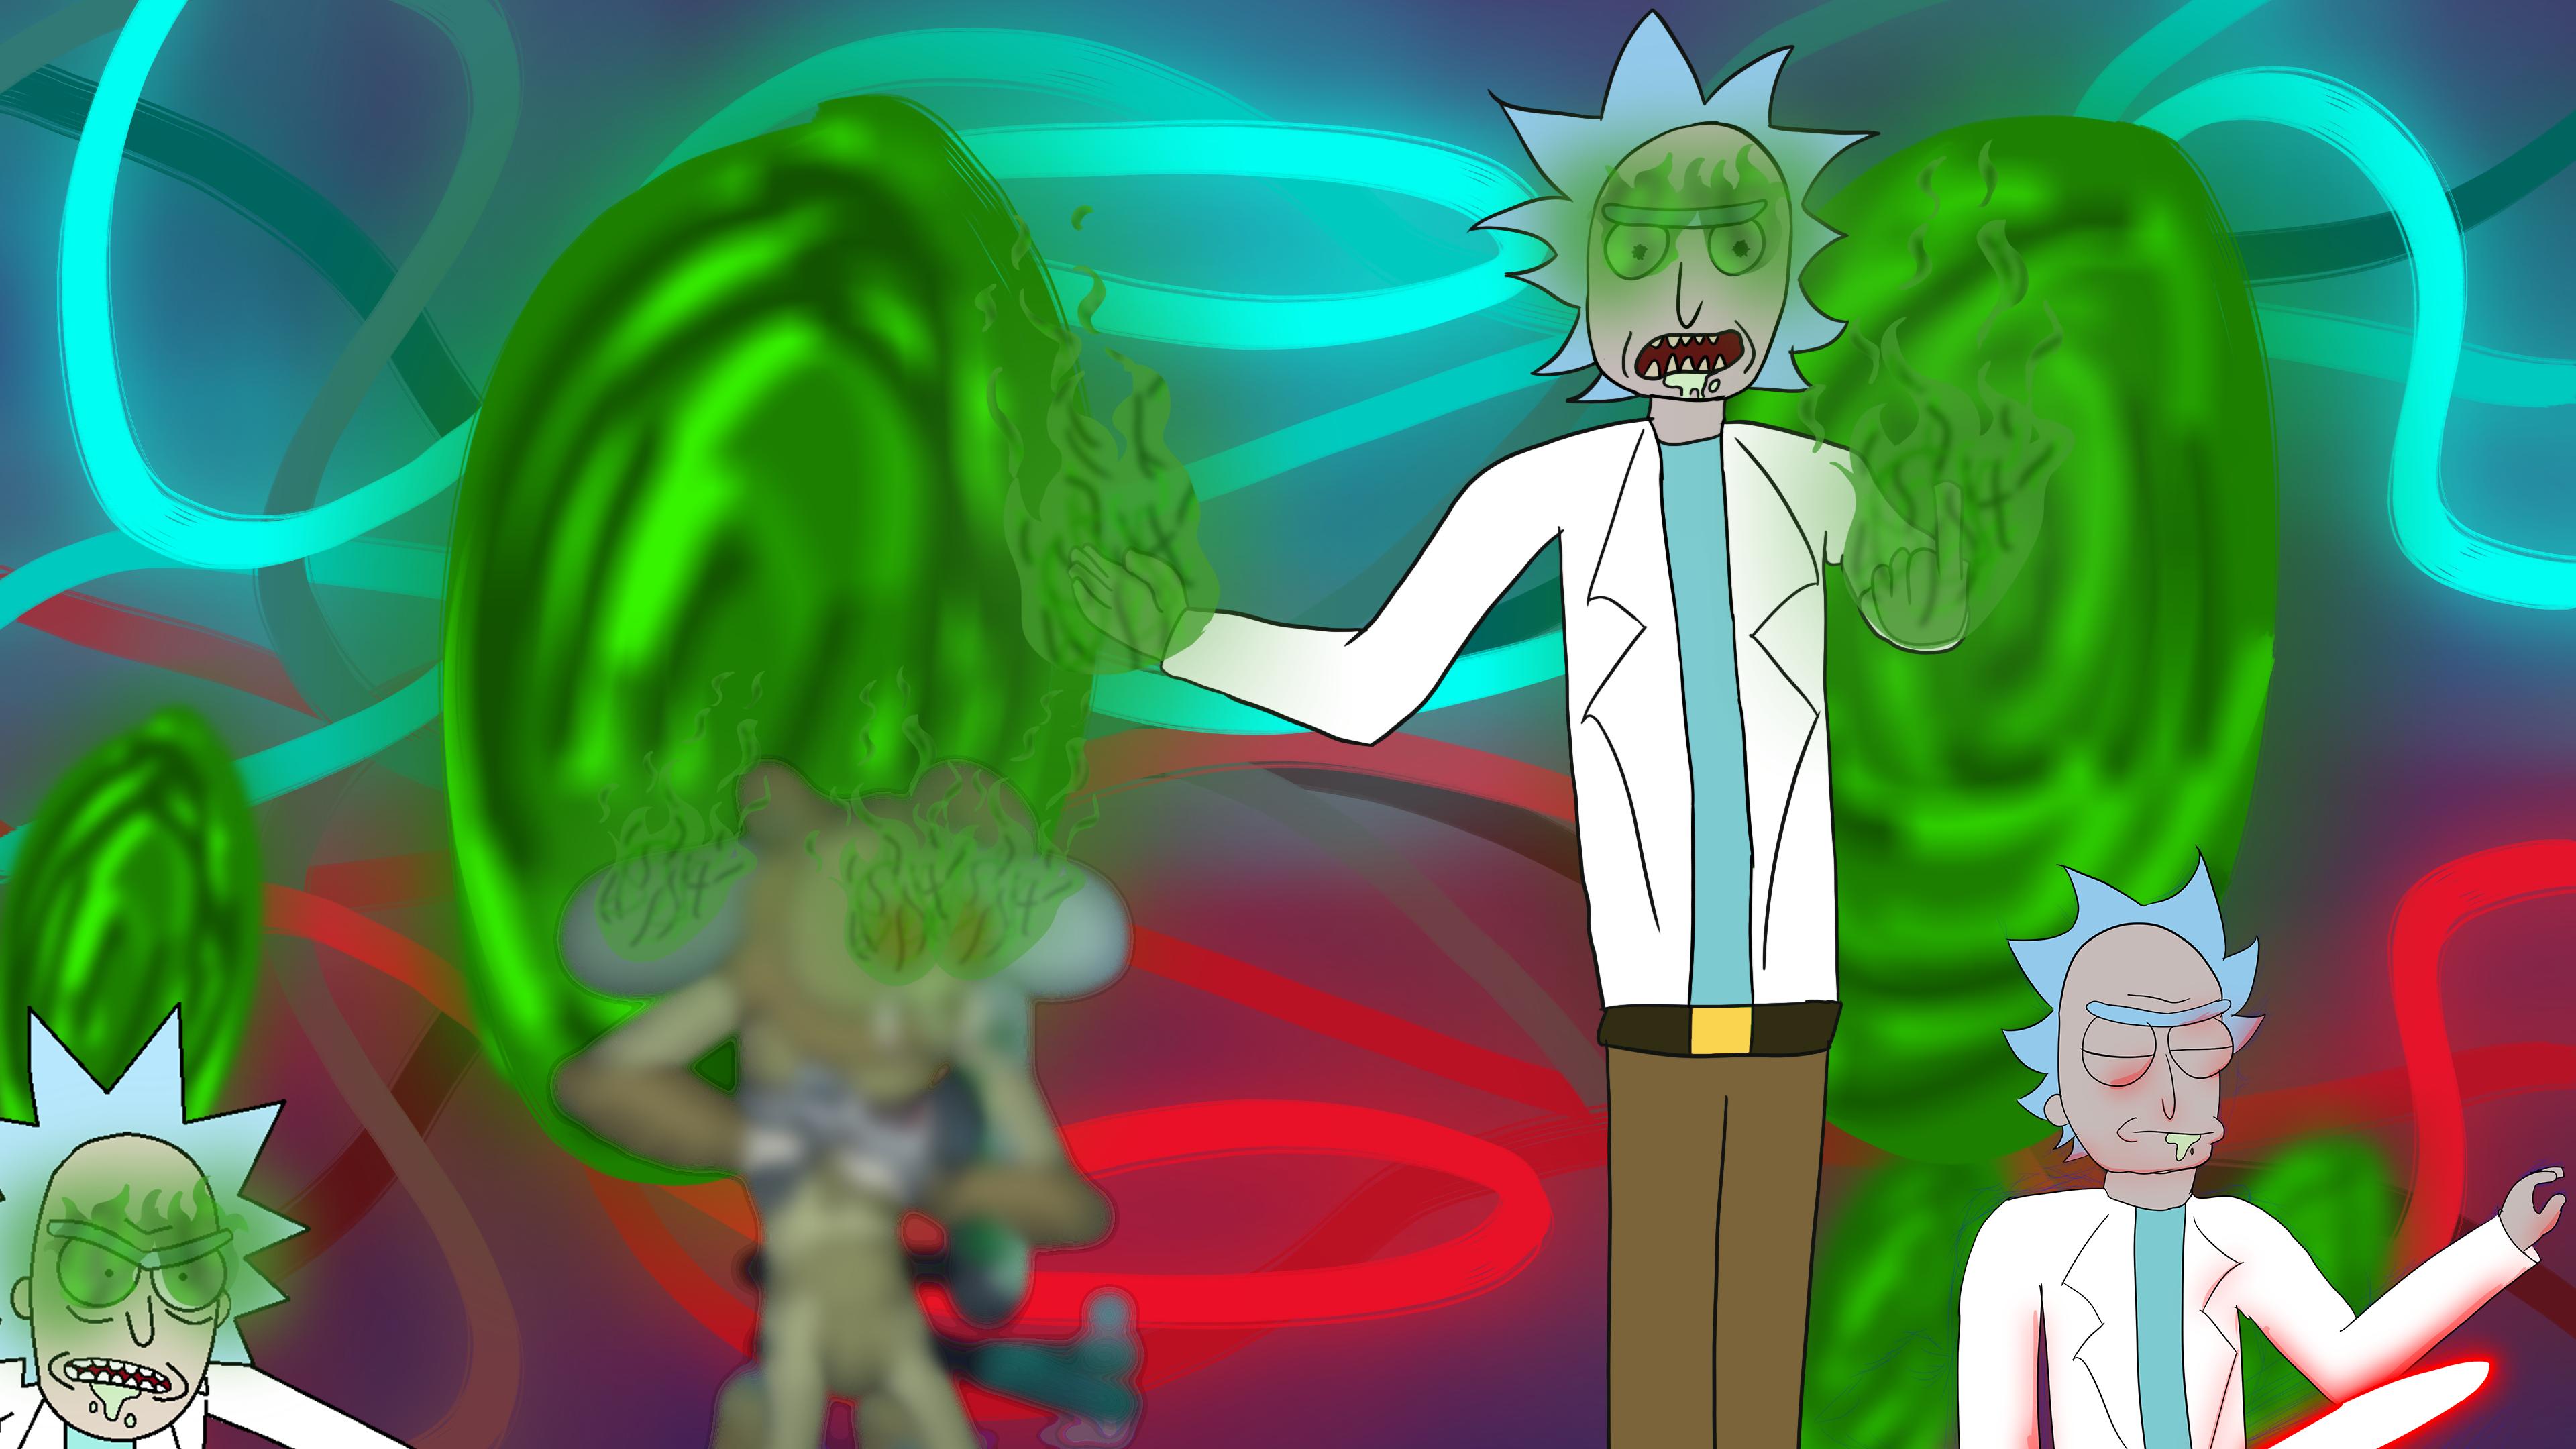 More Rick!!!